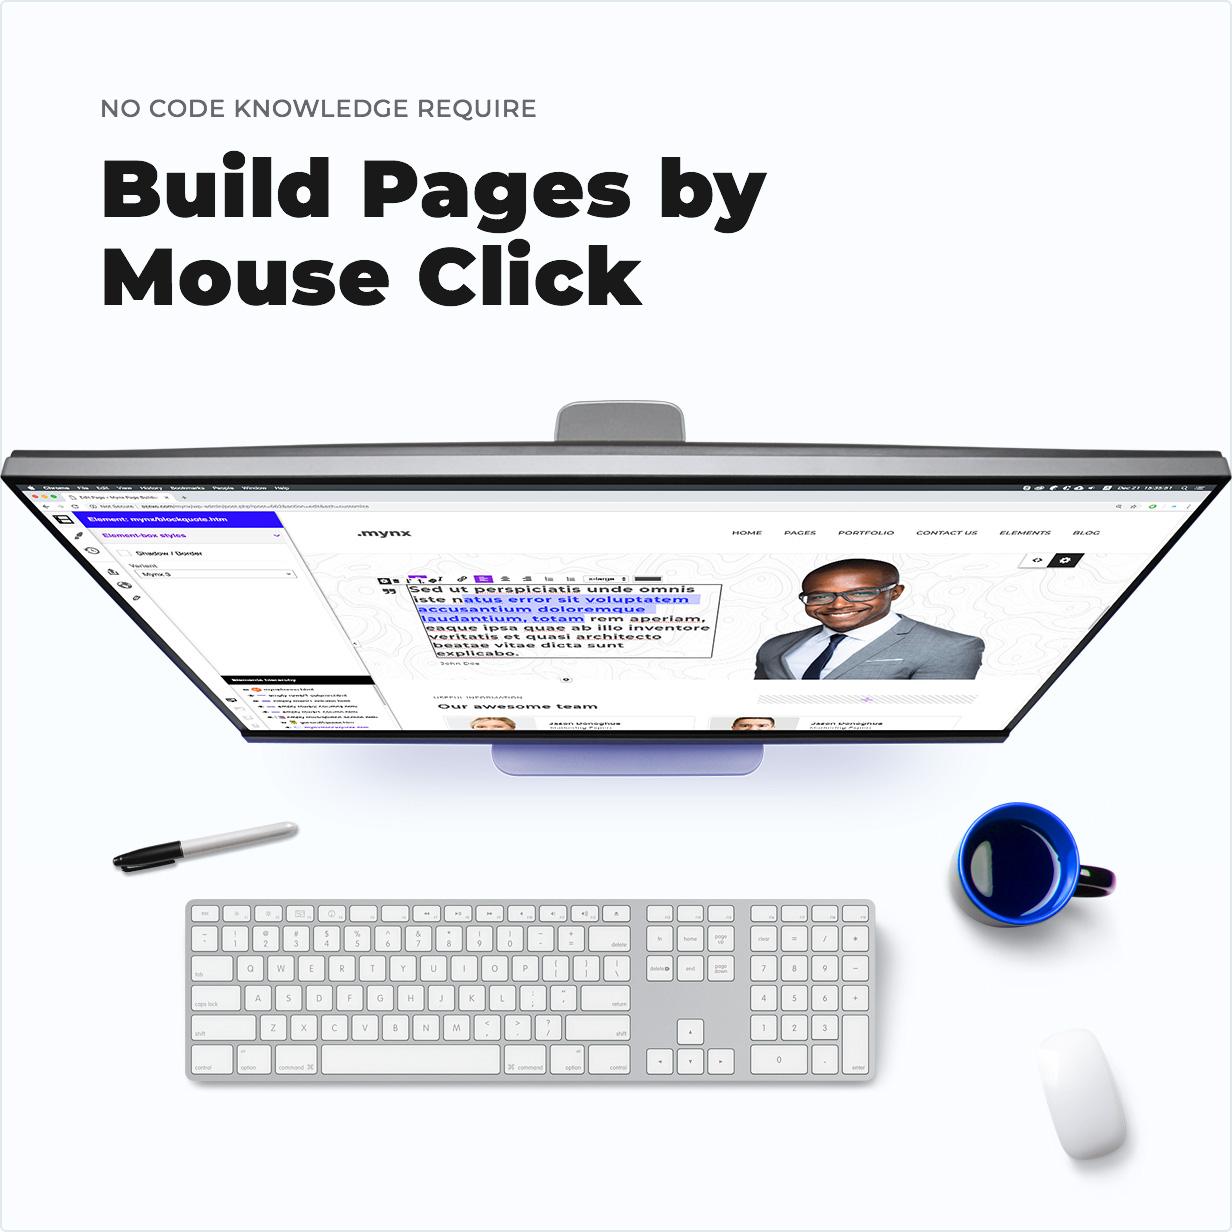 Keine Code-Kenntnisse erforderlich - Seiten per Mausklick erstellen